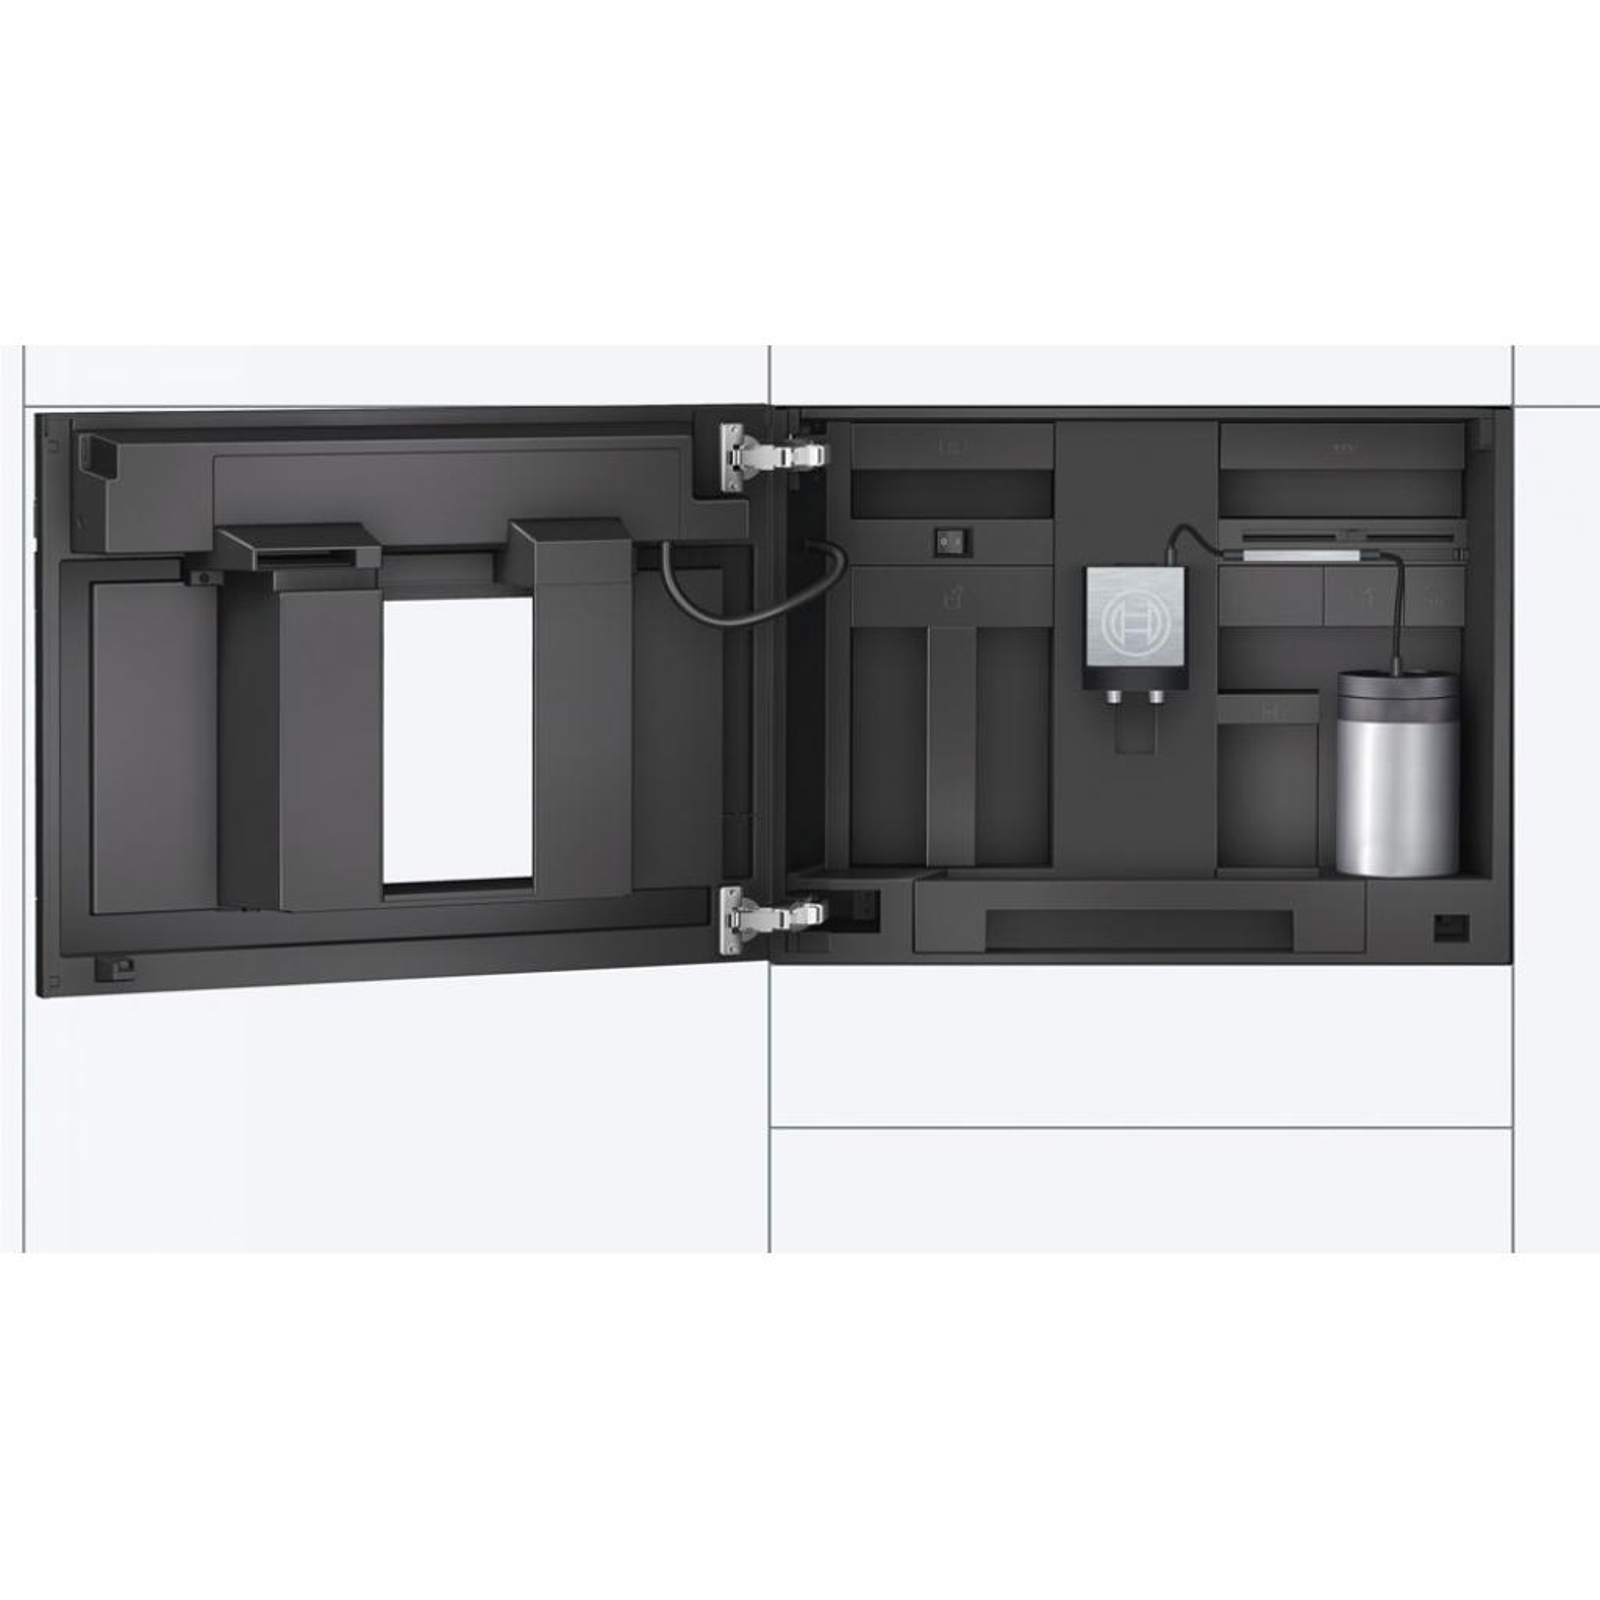 Кофеварка BOSCH CTL 636 EB1 (CTL636EB1) изображение 3